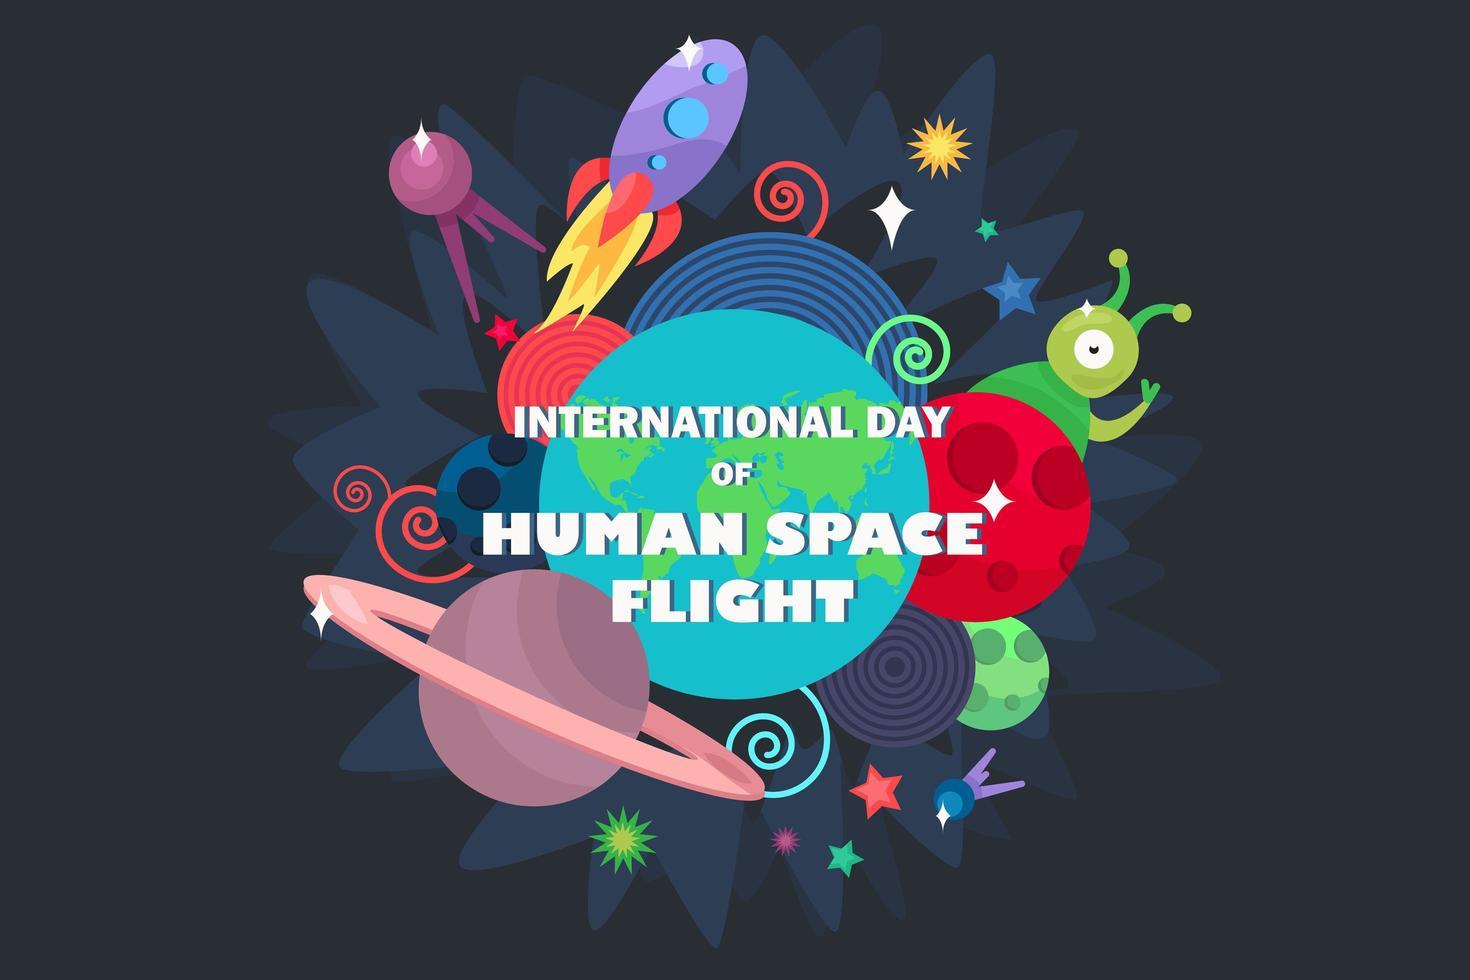 internationale dag van de bemande ruimtevlucht vector